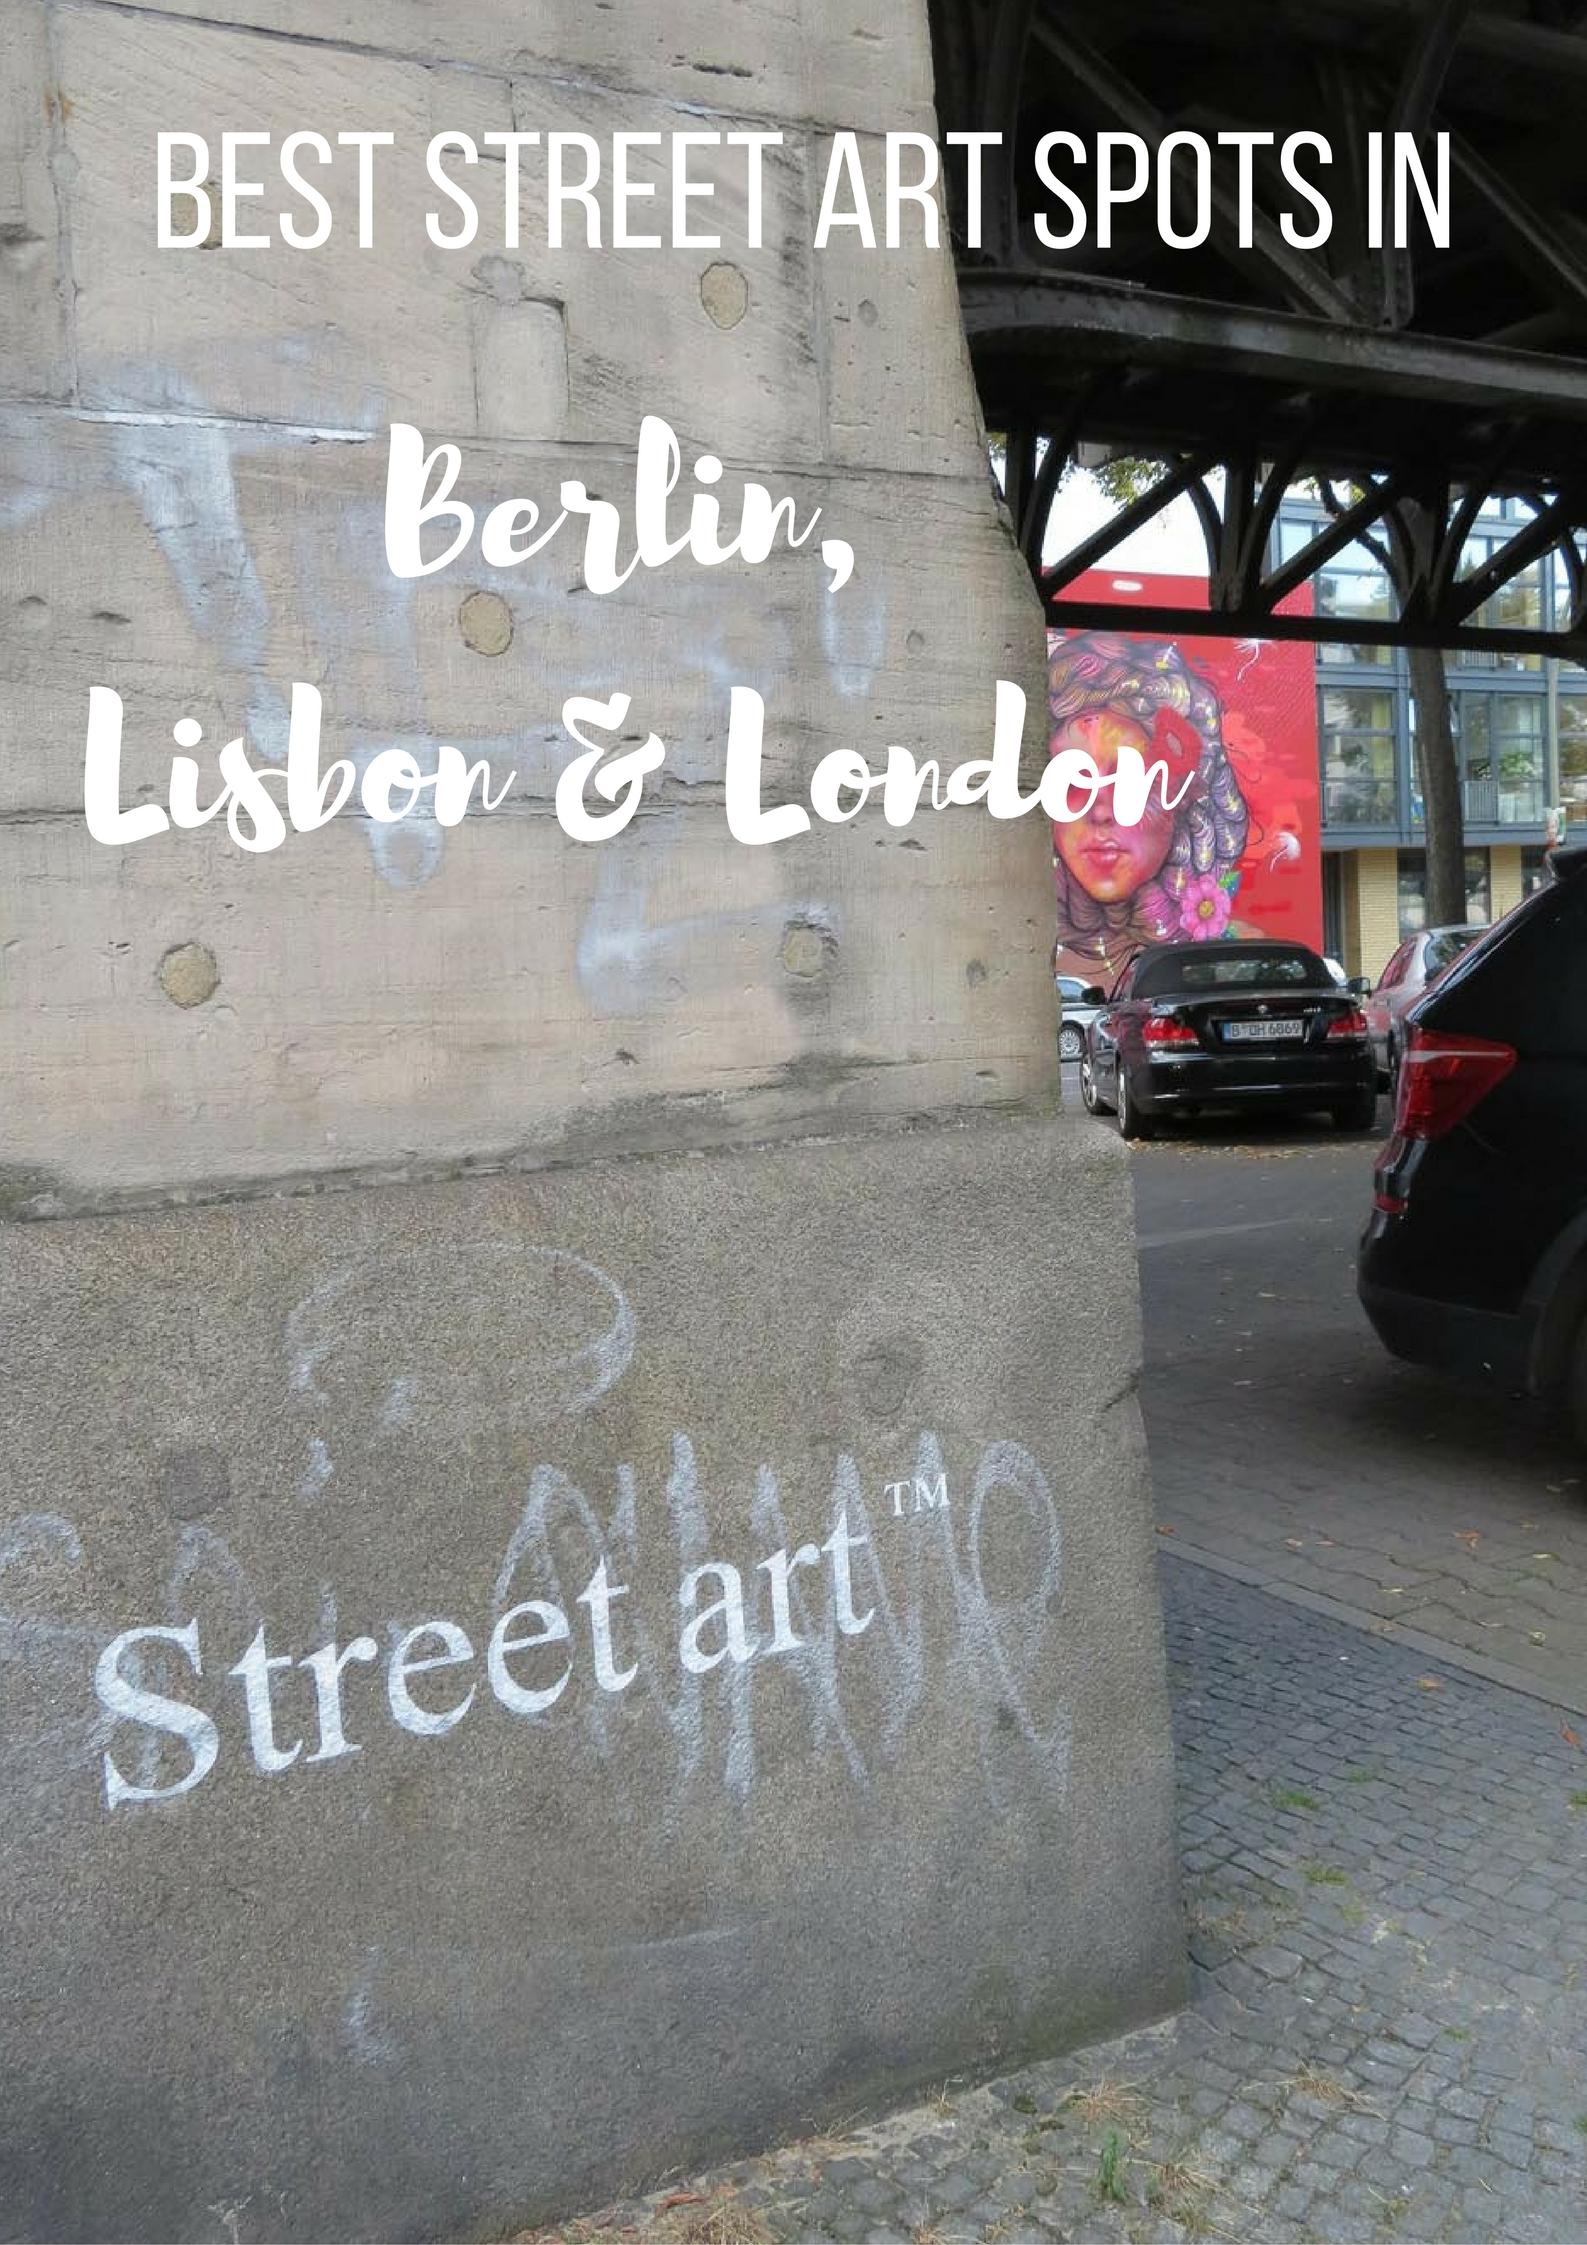 Best street art spots in London, Berlin and Lisbon - Map of Joy